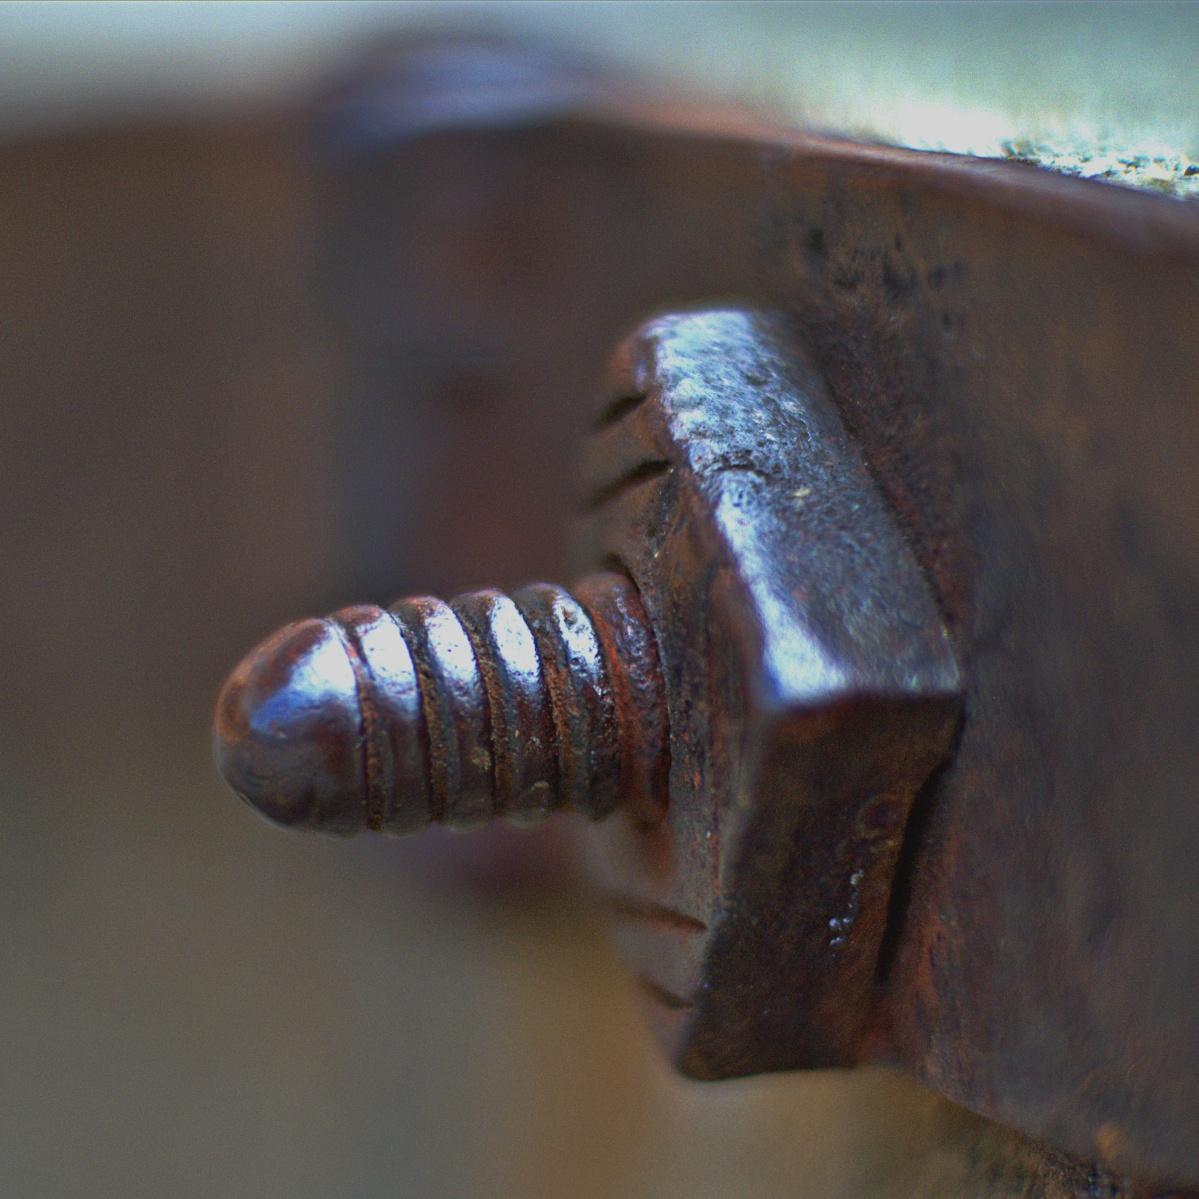 Rostige Schraube